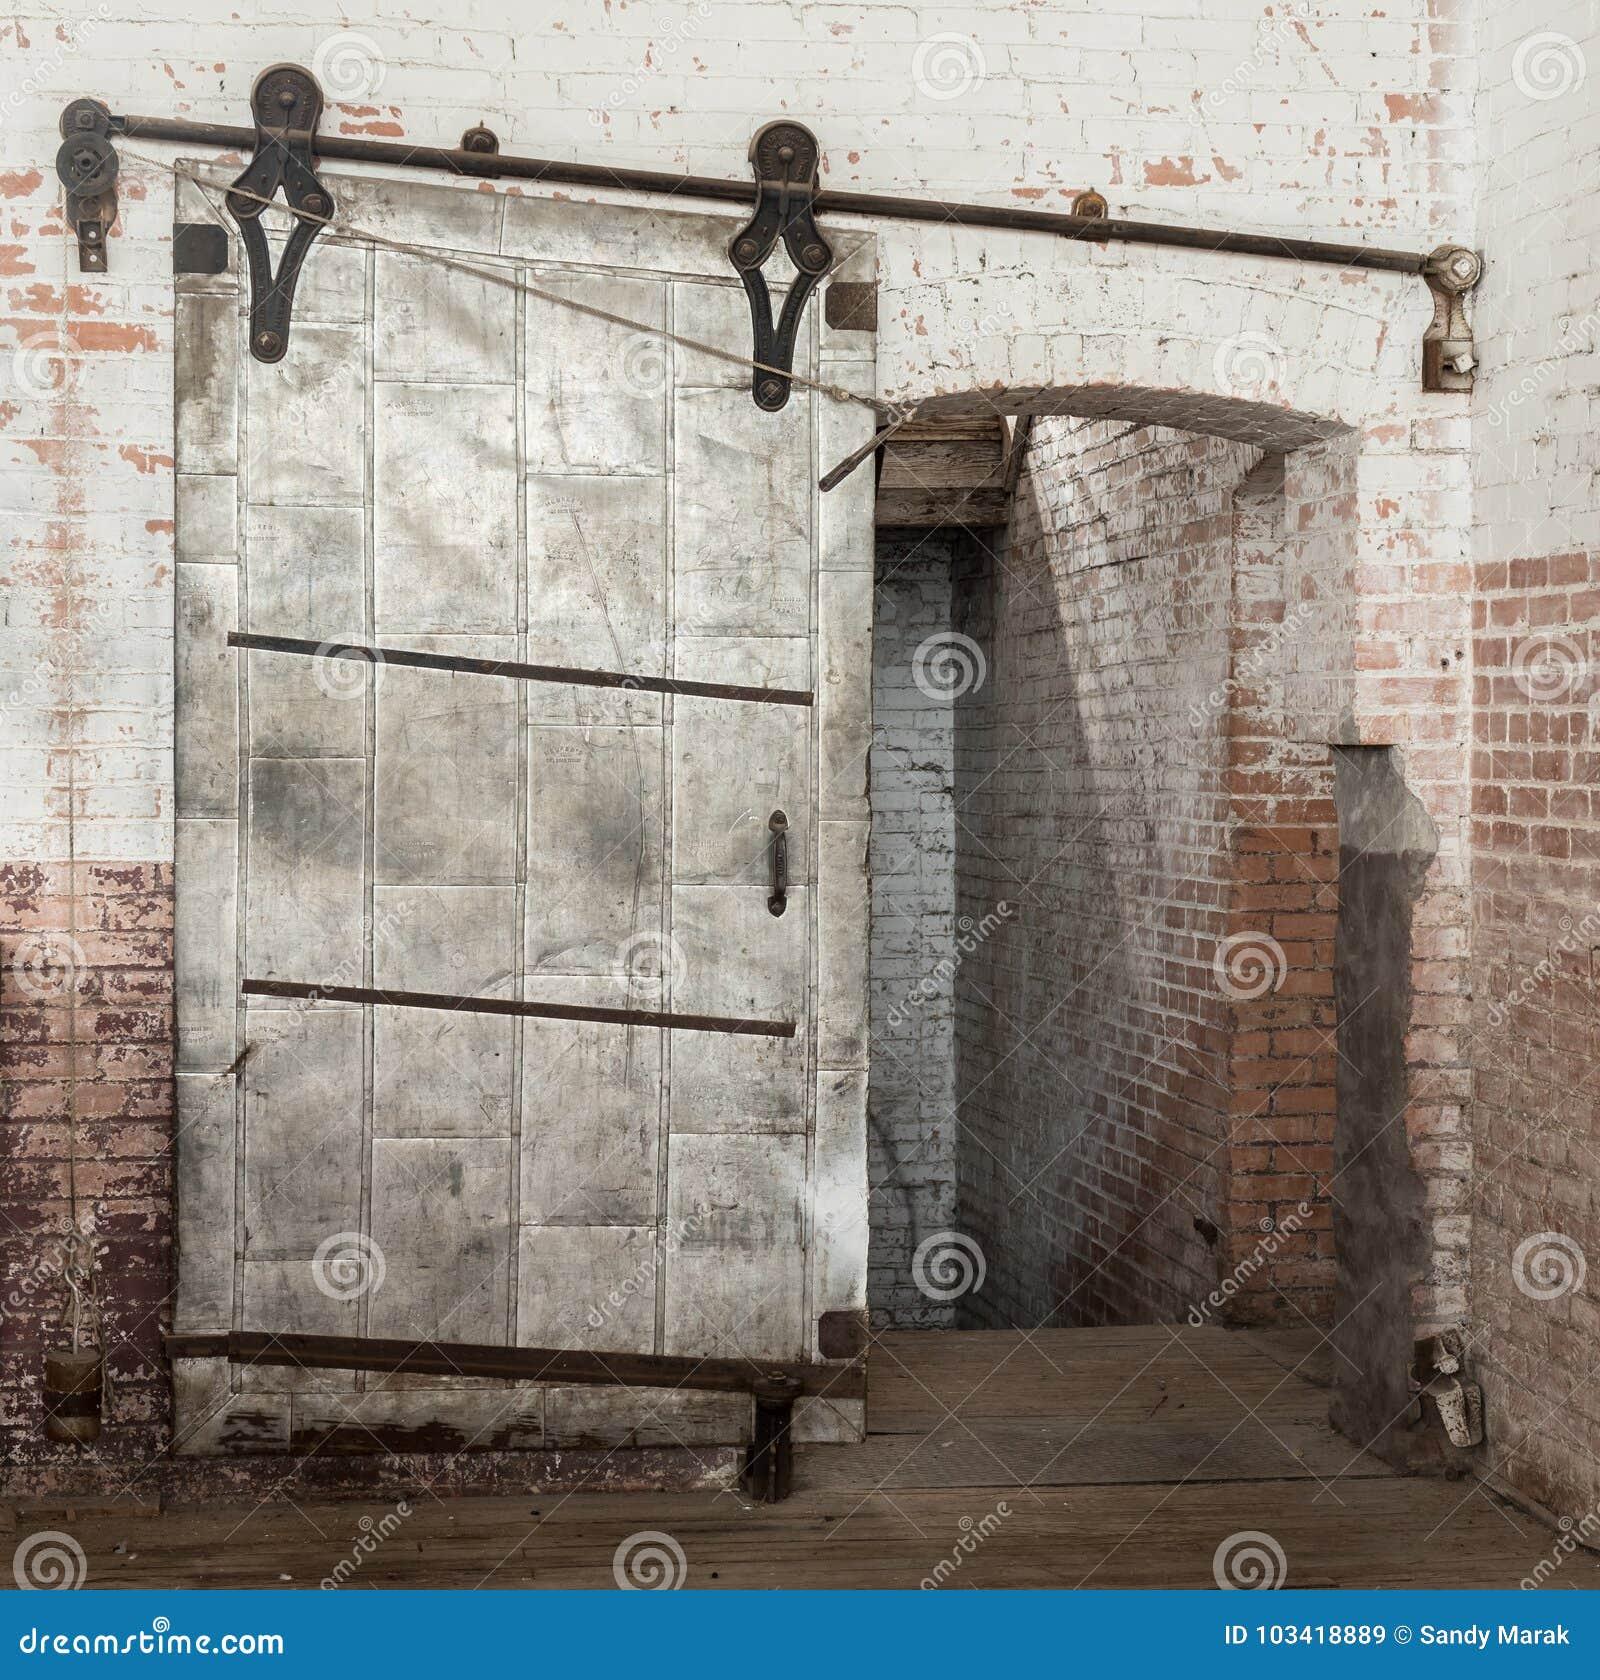 Sliding Heavy Industrial Metal Door In Old Warehouse Stock Image